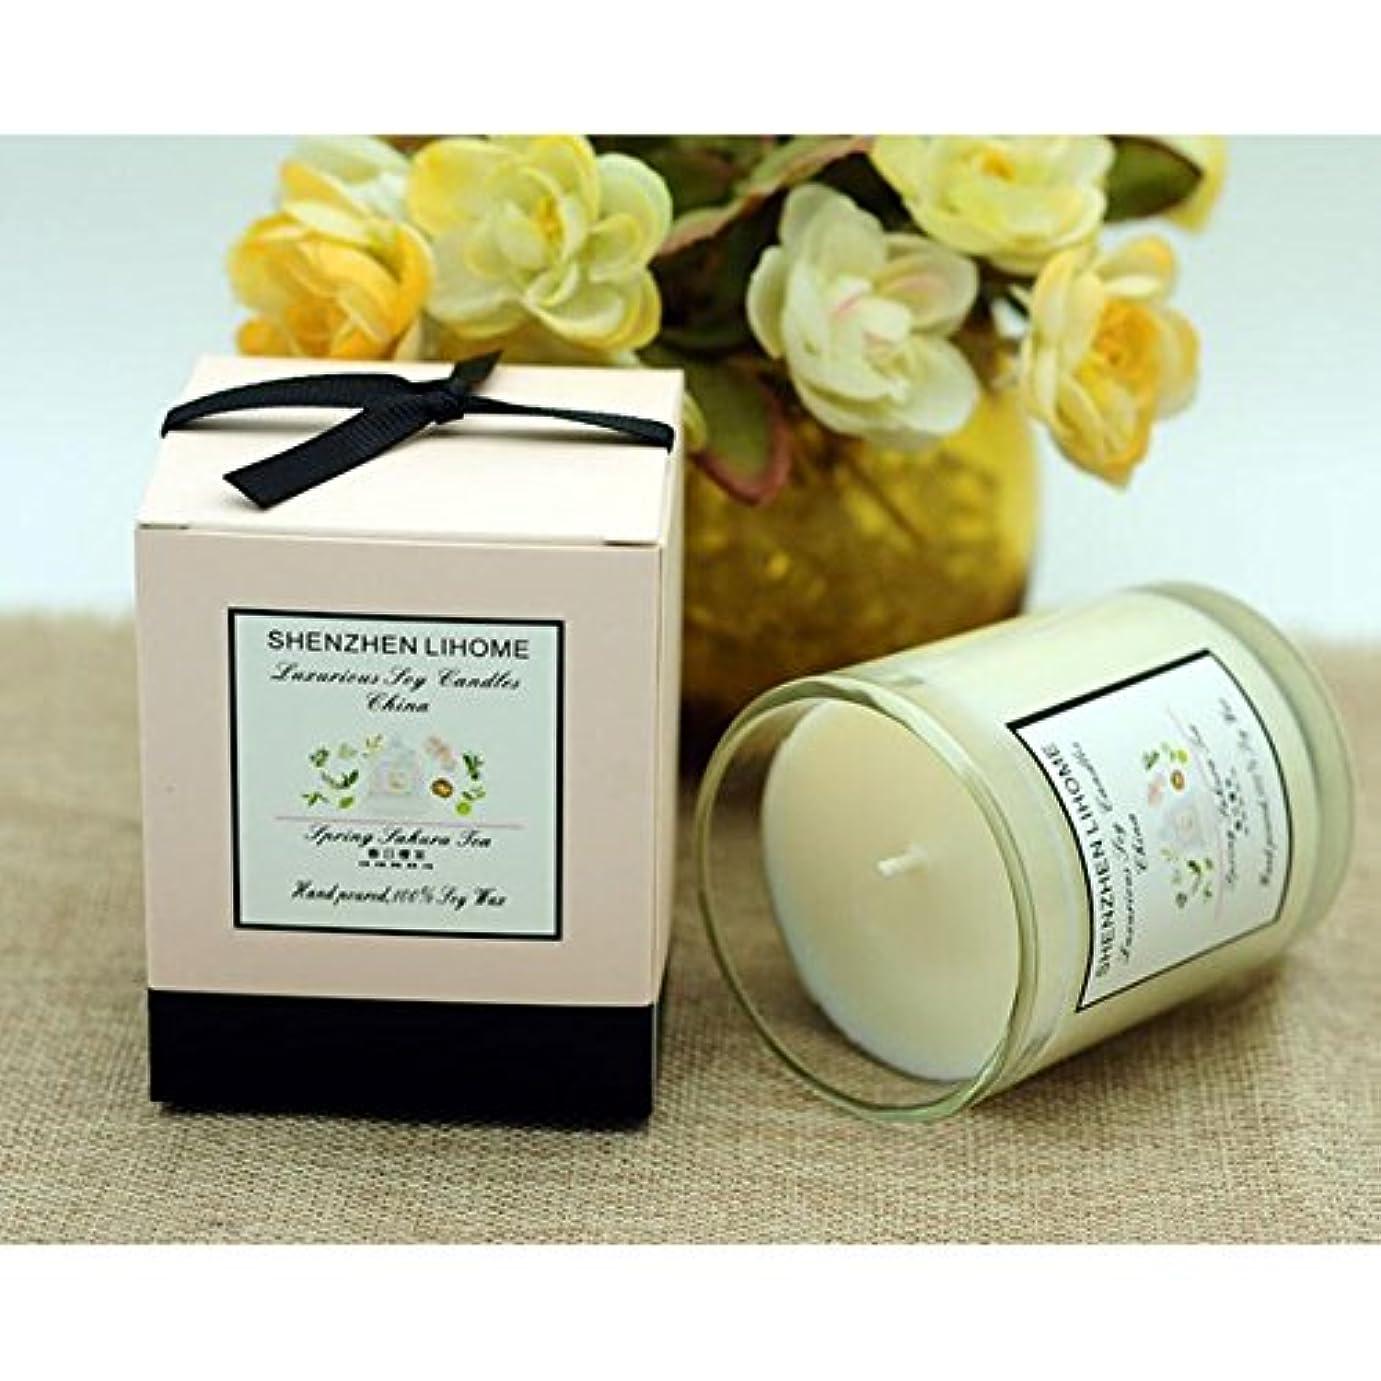 Liebeye キャンドル 大豆ワックス ロマンチックな無煙の香り 香りのティーキャンドル自然 ガラスキャンドル 春の桜の香